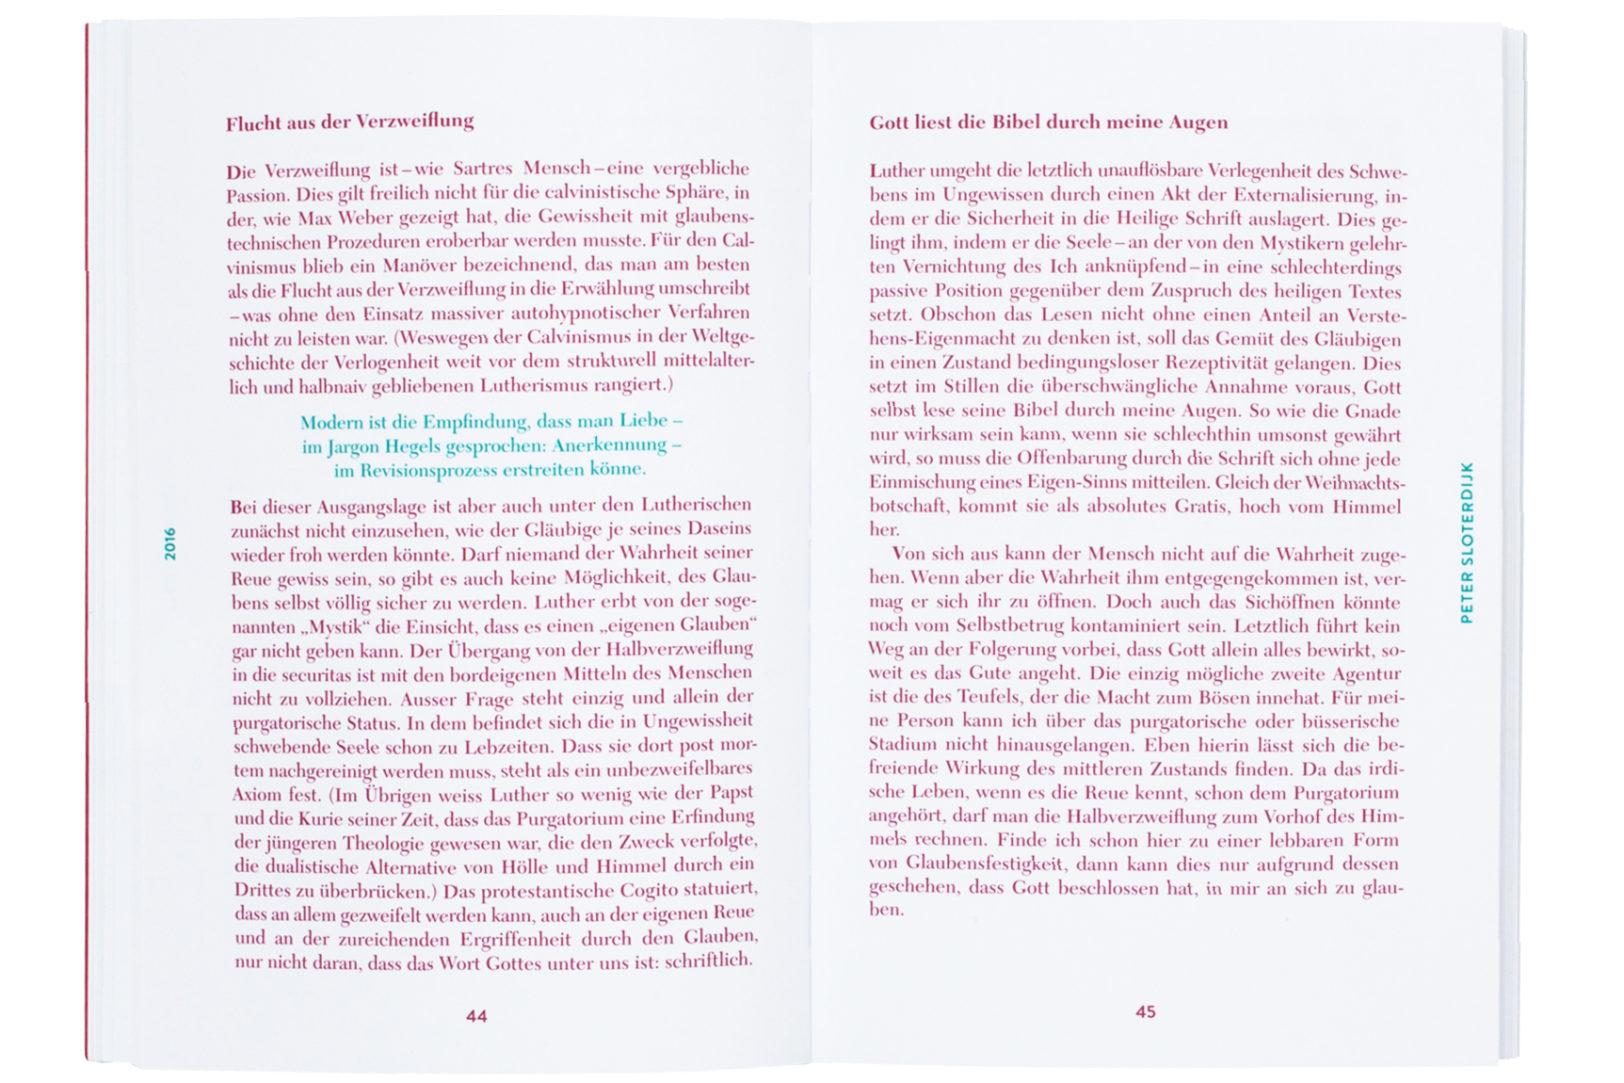 http://e-o-t.de/wordpress/wp-content/uploads/2017/12/e-o-t-2017-Books-ref-leselust-9.jpg